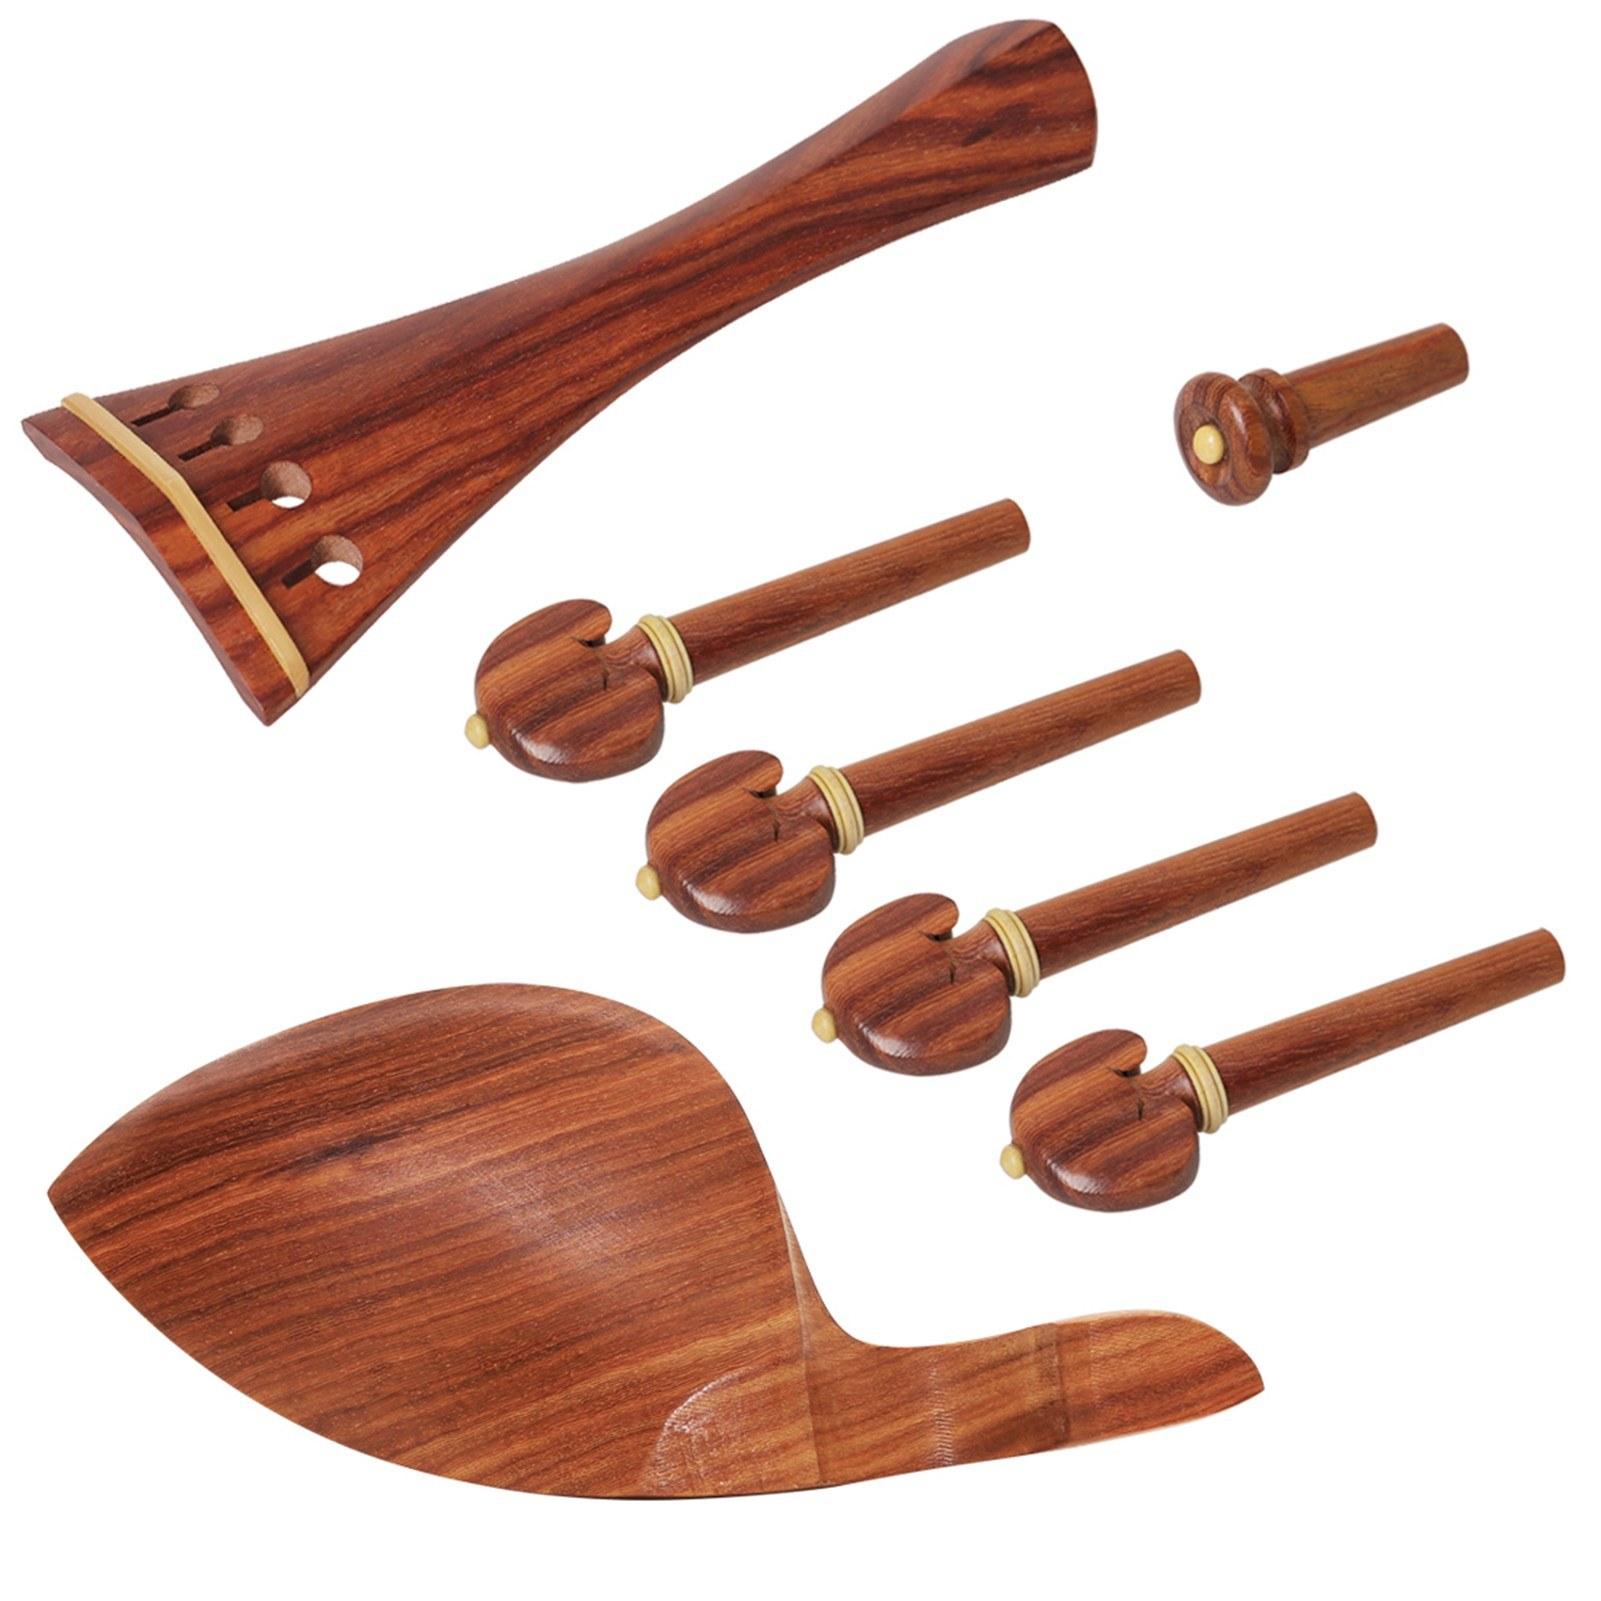 Accessoires dinstruments de Musique de cordier de Violoncelle Cordier en Bois d/éb/ène pour Le Violoncelle 3//4 4//4